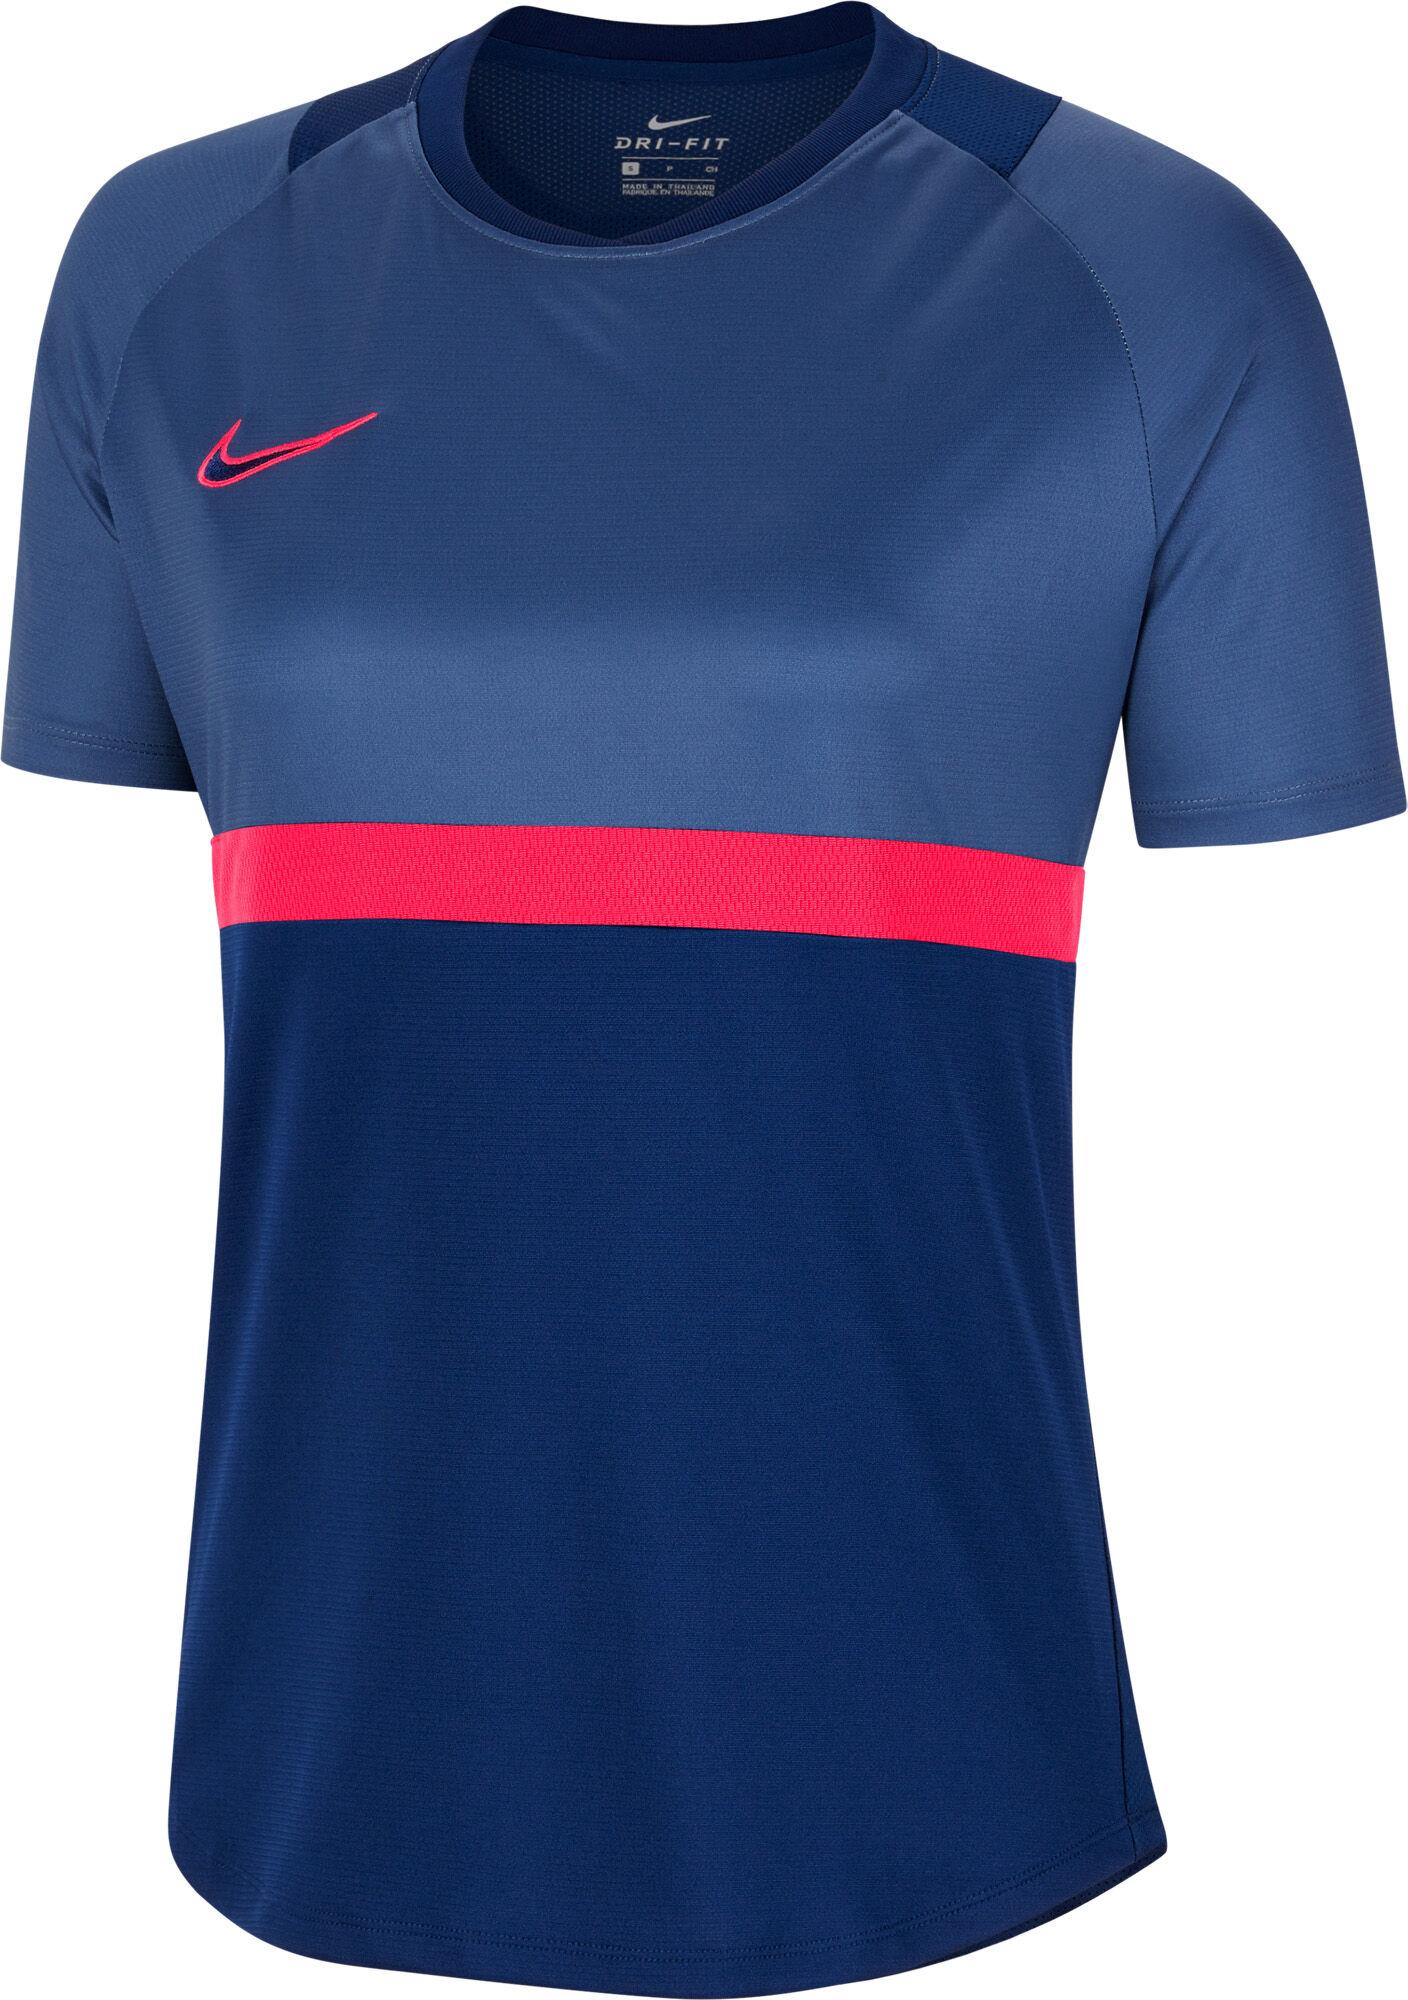 Nike   Breathe Academy teknisk t skjorte herre   T skjorter